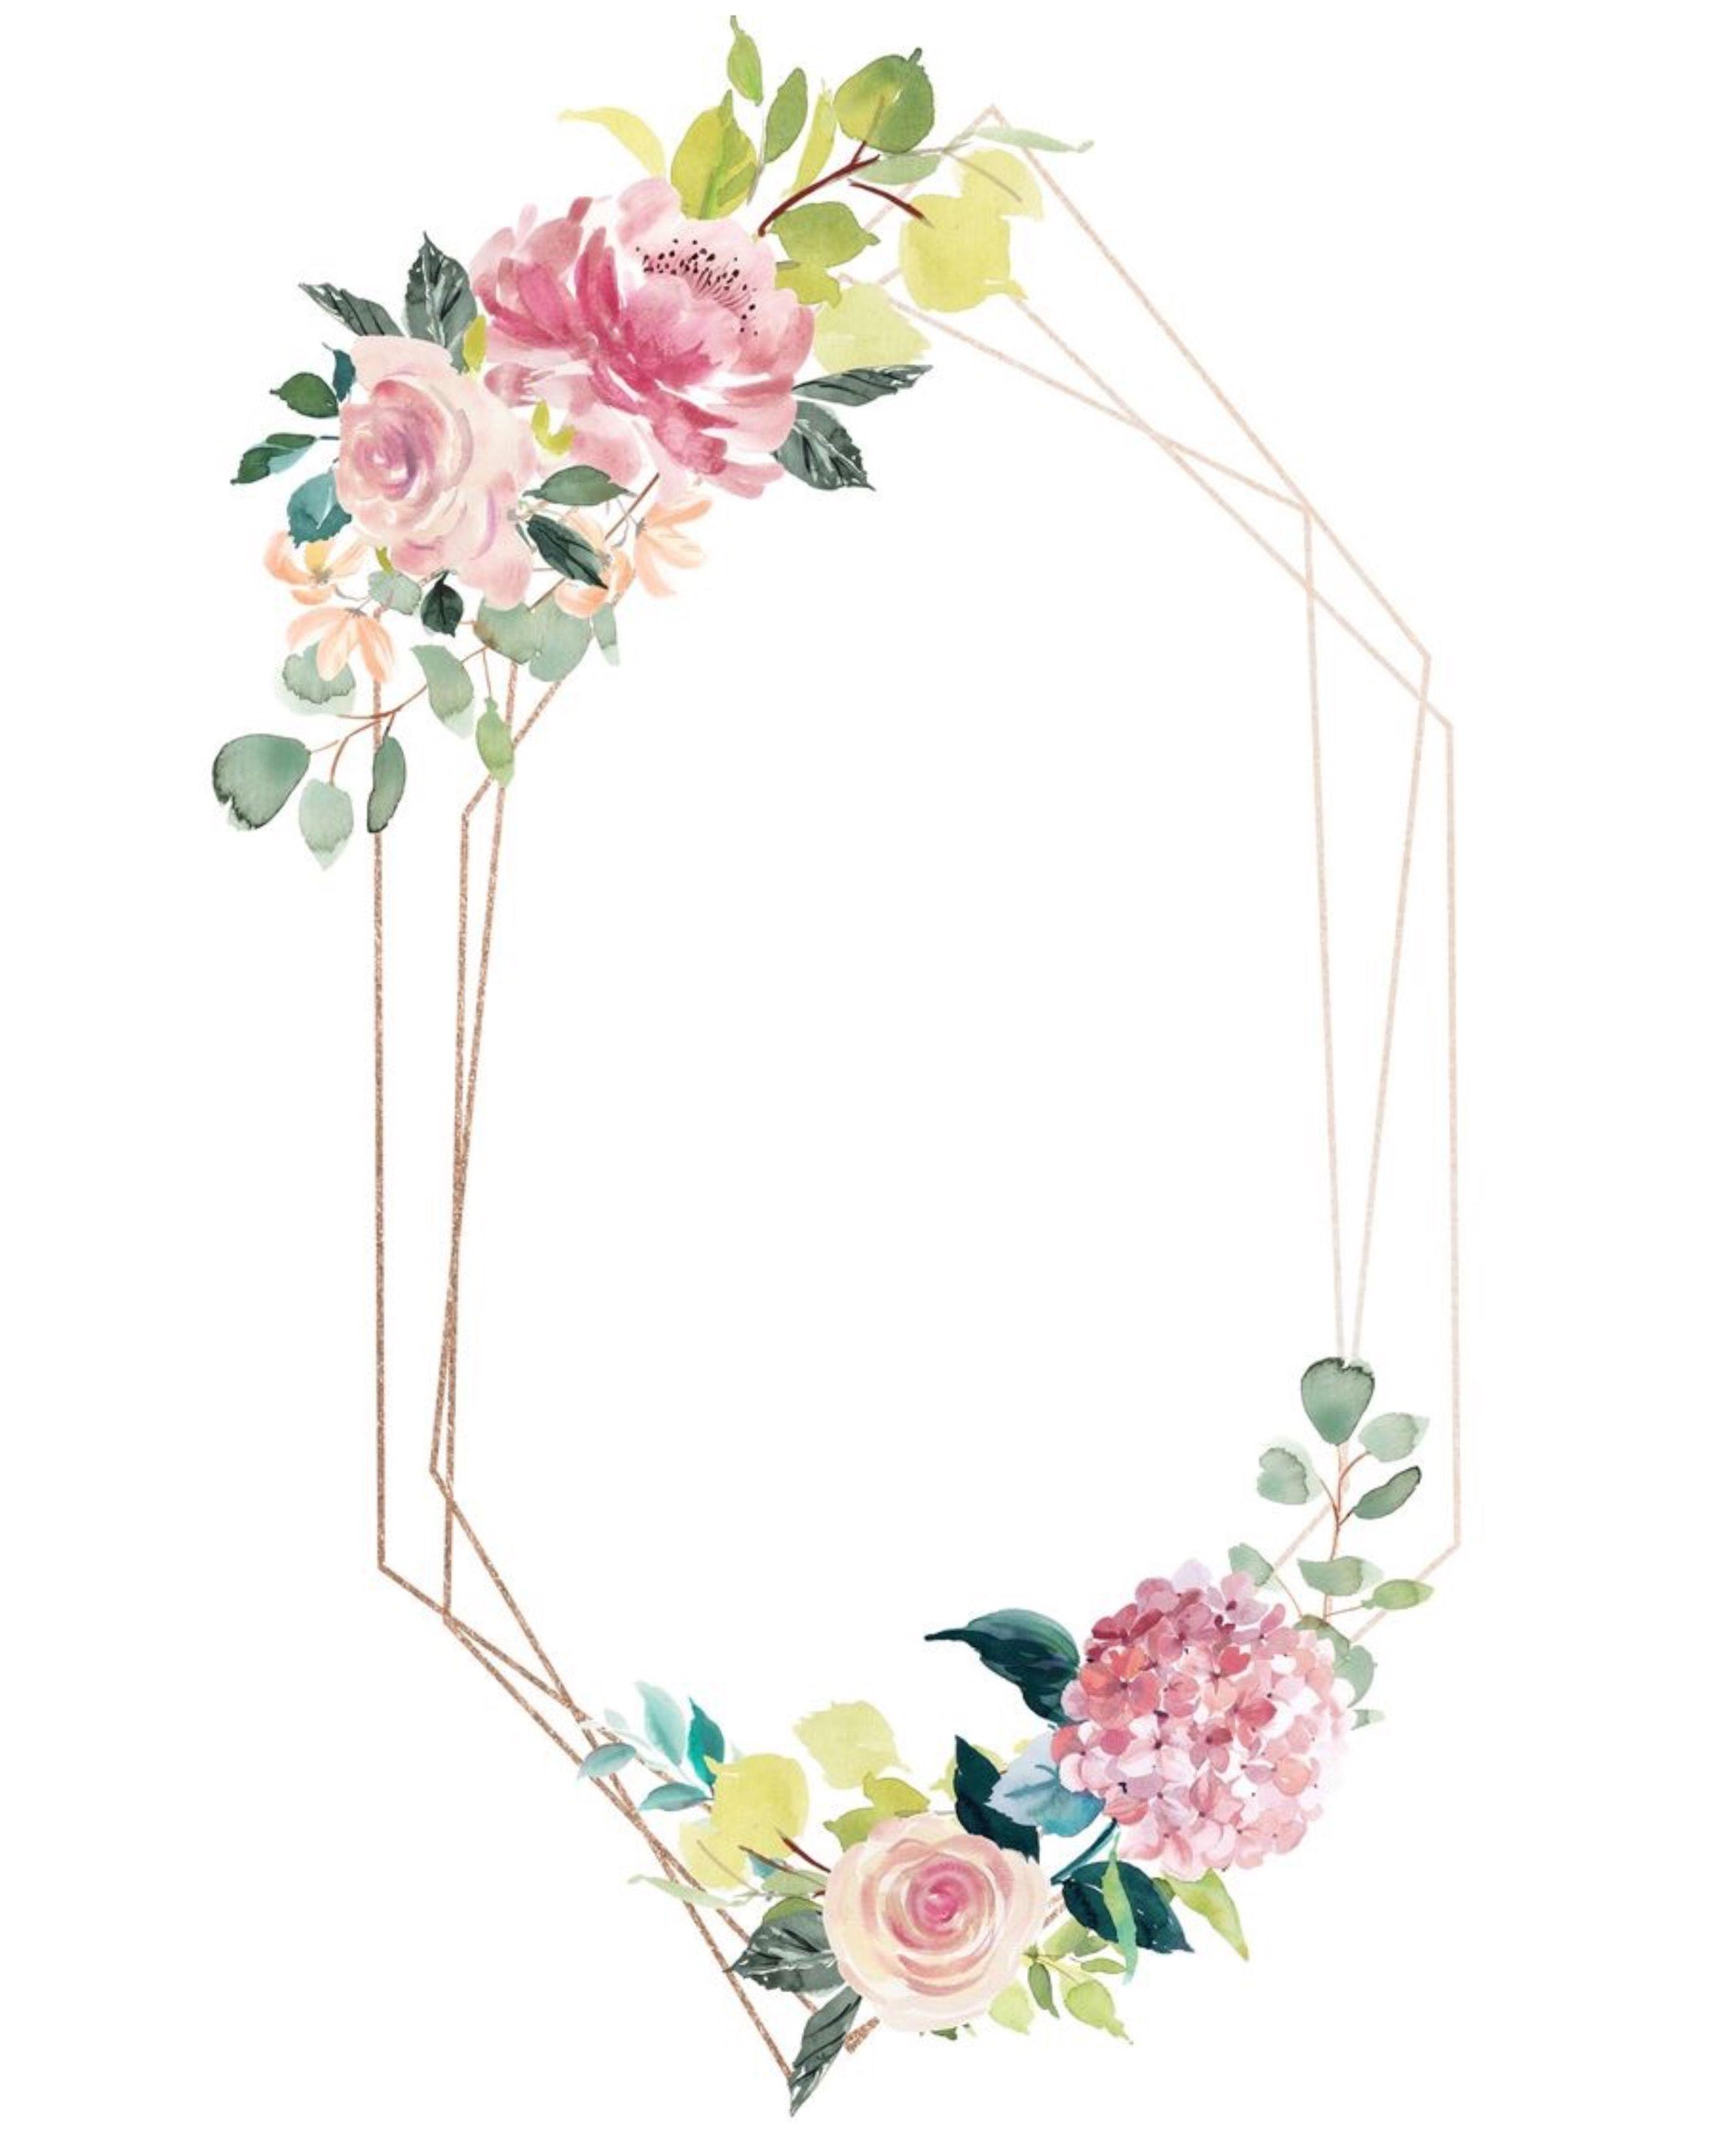 ثيم ثيمات بطاقة بطاقه ايطار اطار ايطارات اطارات Frame Frames Framework Freetoedit Floral Border Design Flower Frame Floral Background